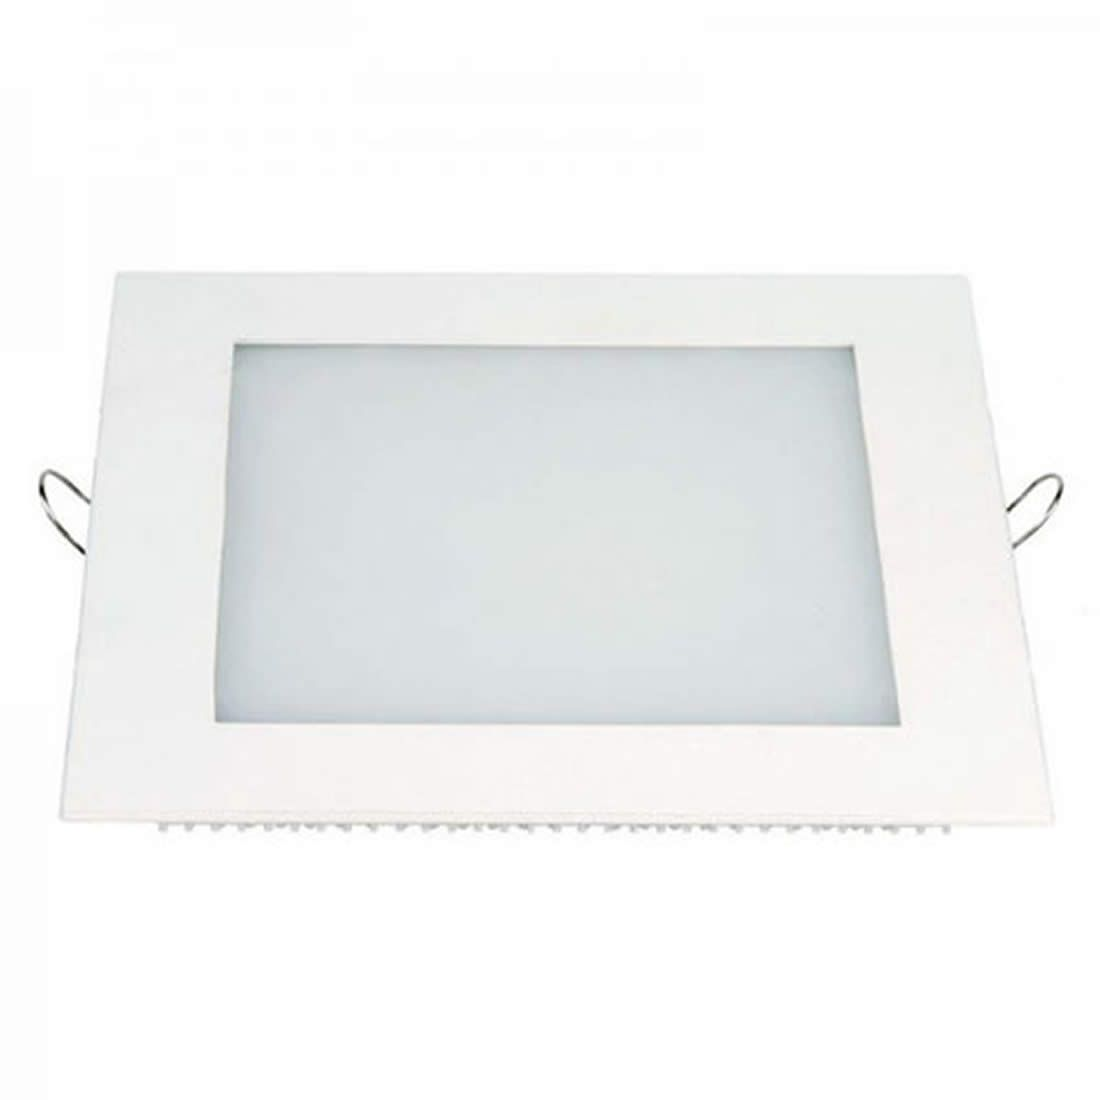 Luminária de Led Taschibra 24W Quadrada Embutir 6500K